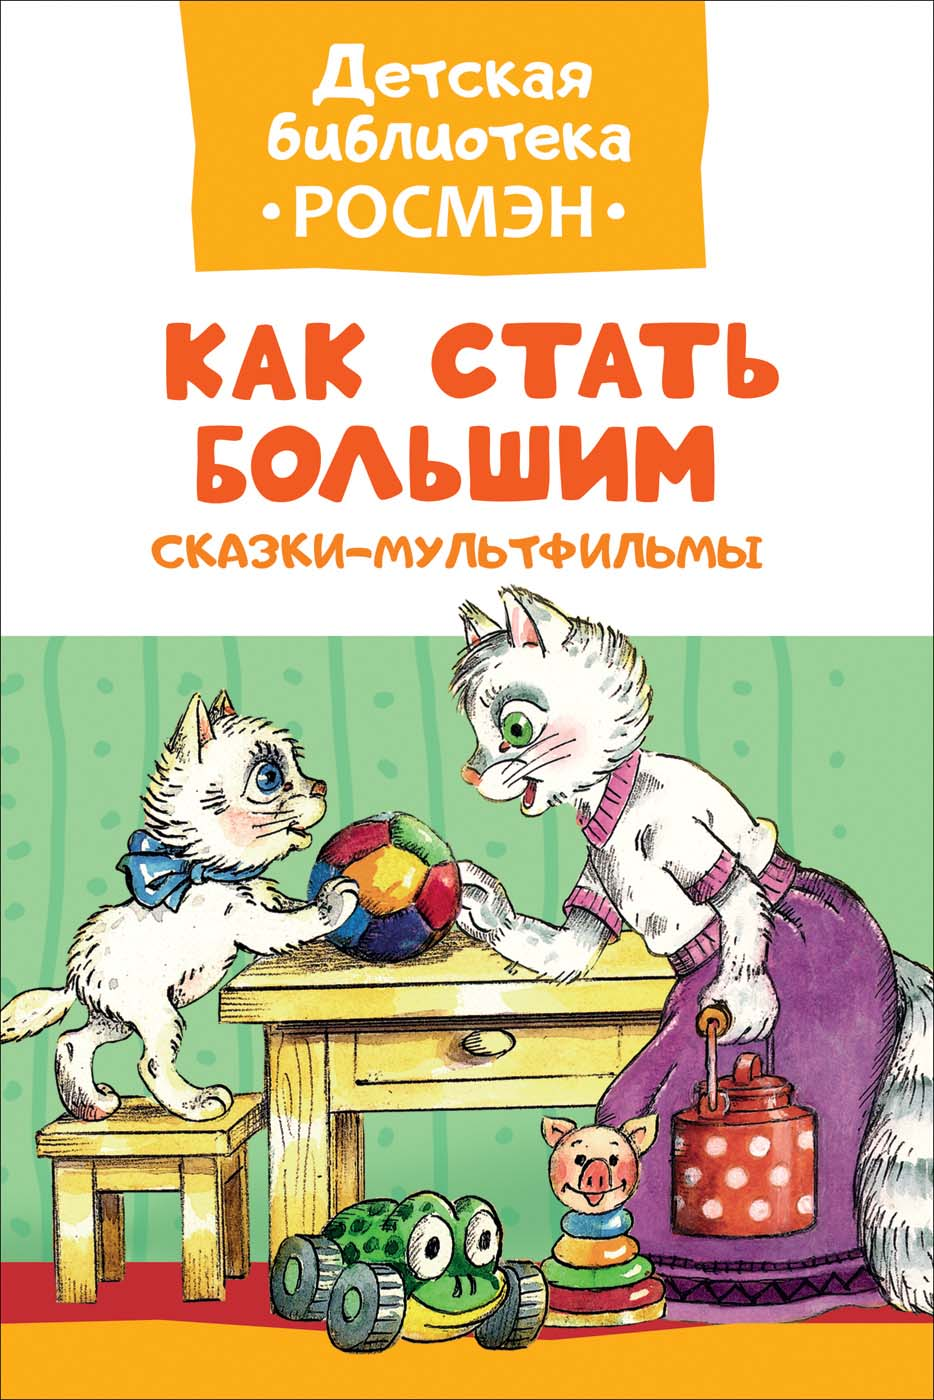 Купить Книга из серии Детская библиотека Росмэн - Сказки-мультфильмы. Как стать большим